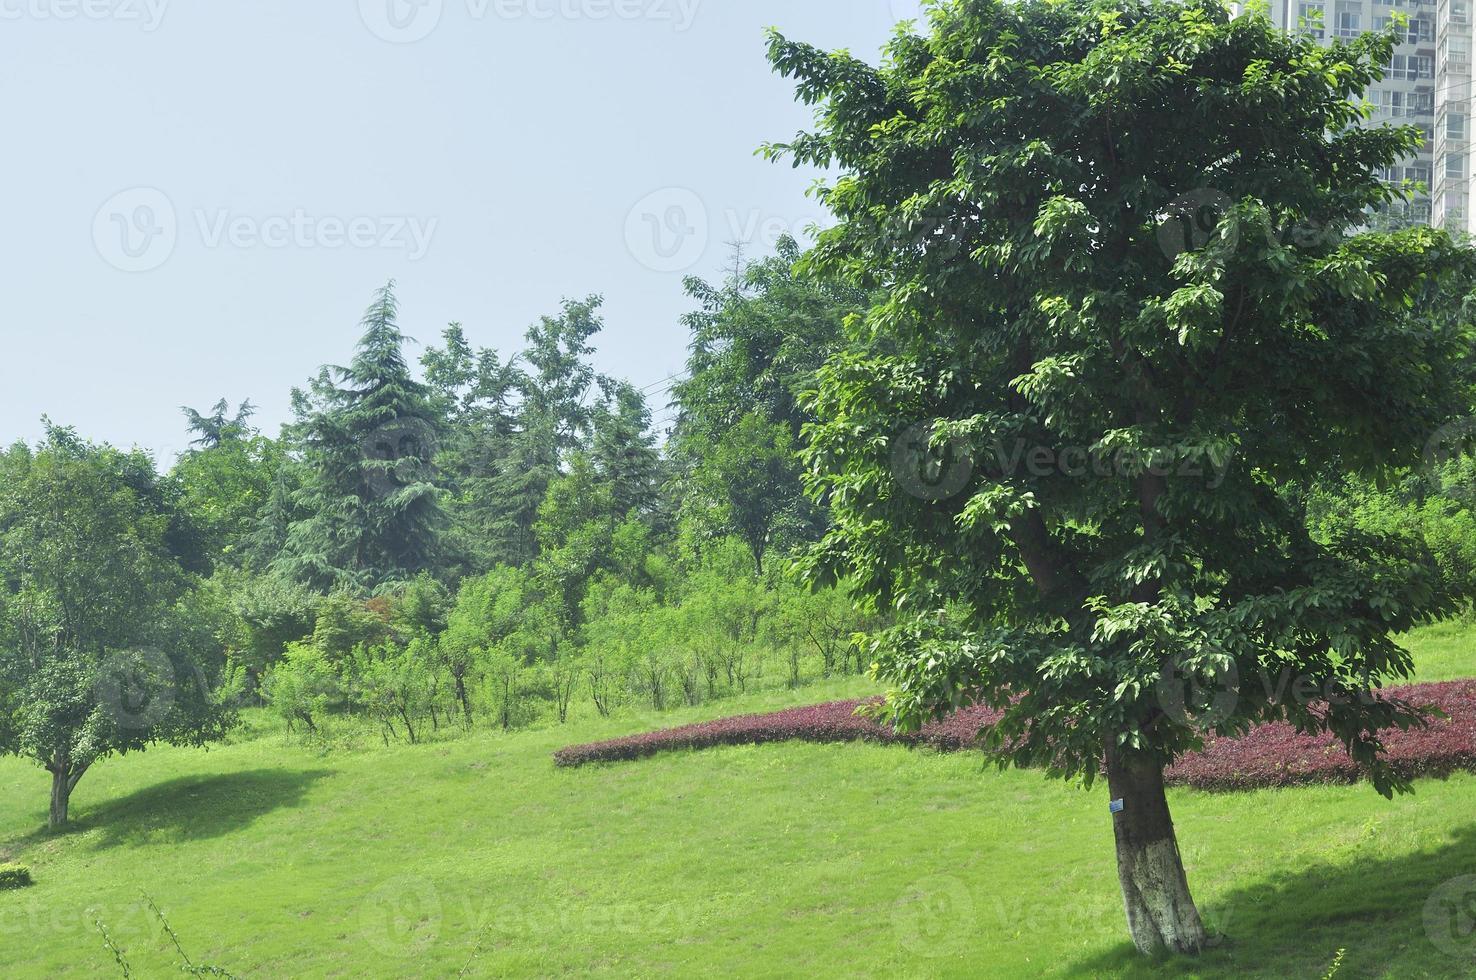 jardin paisible photo